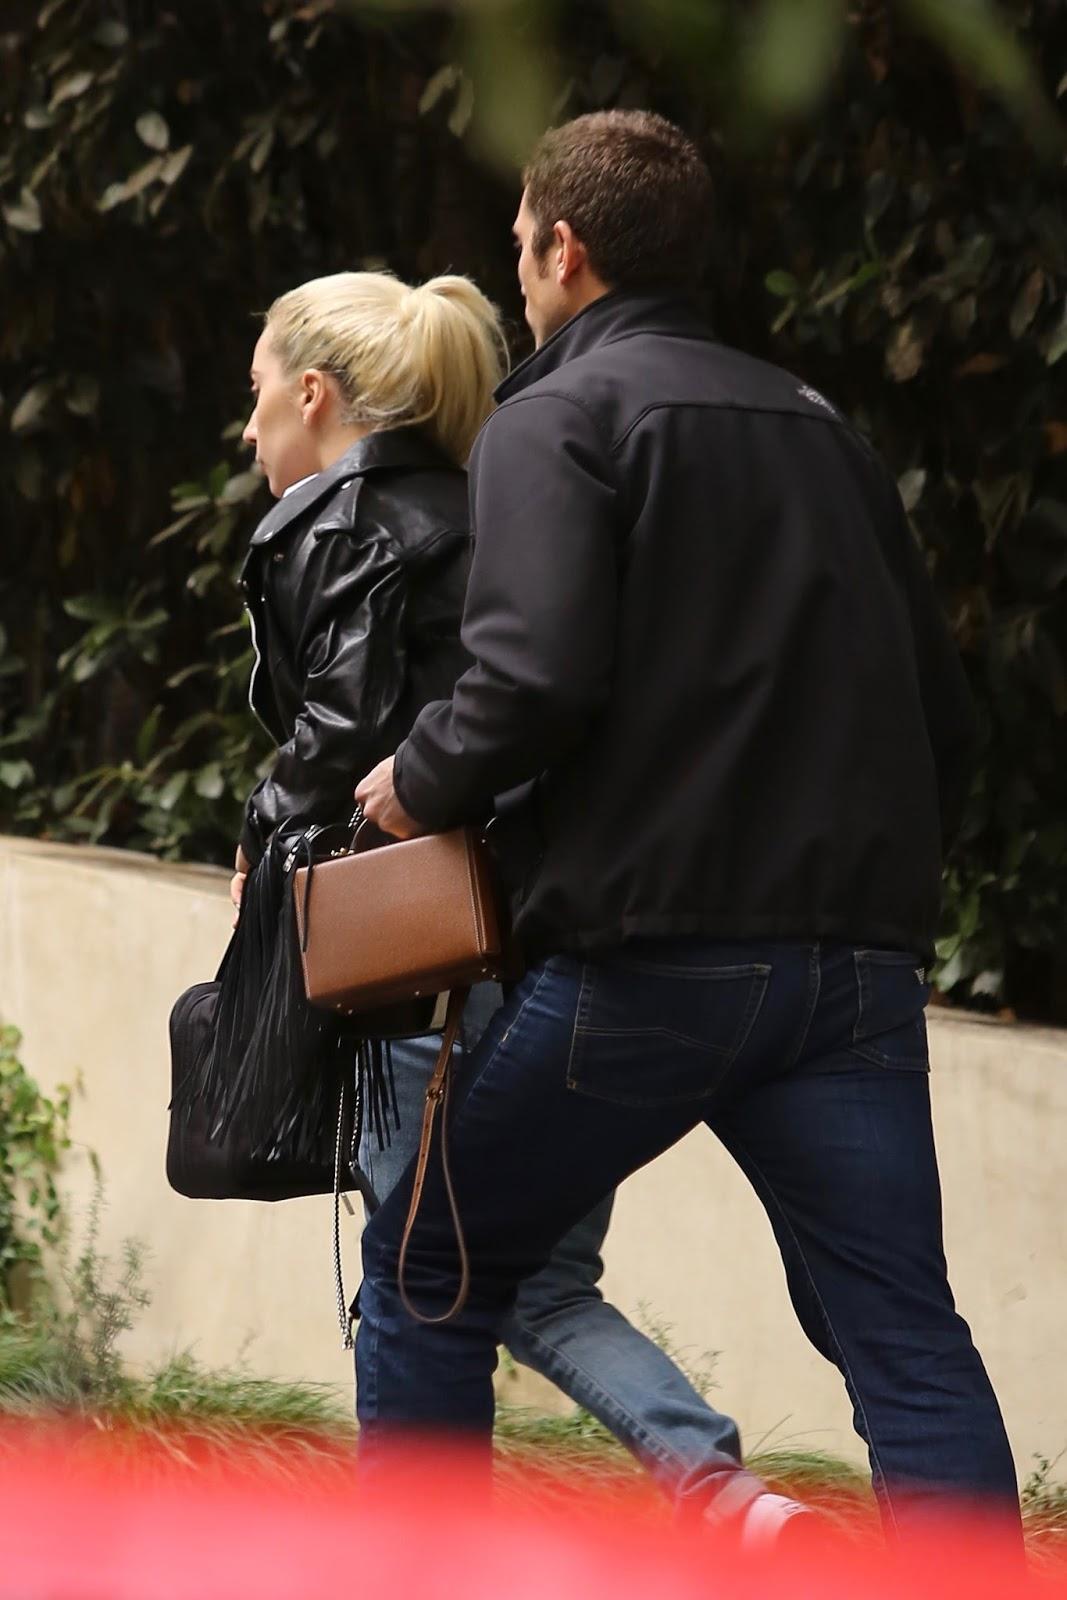 Fotos Lady Gaga Llegando A La Casa De Bradley Cooper En